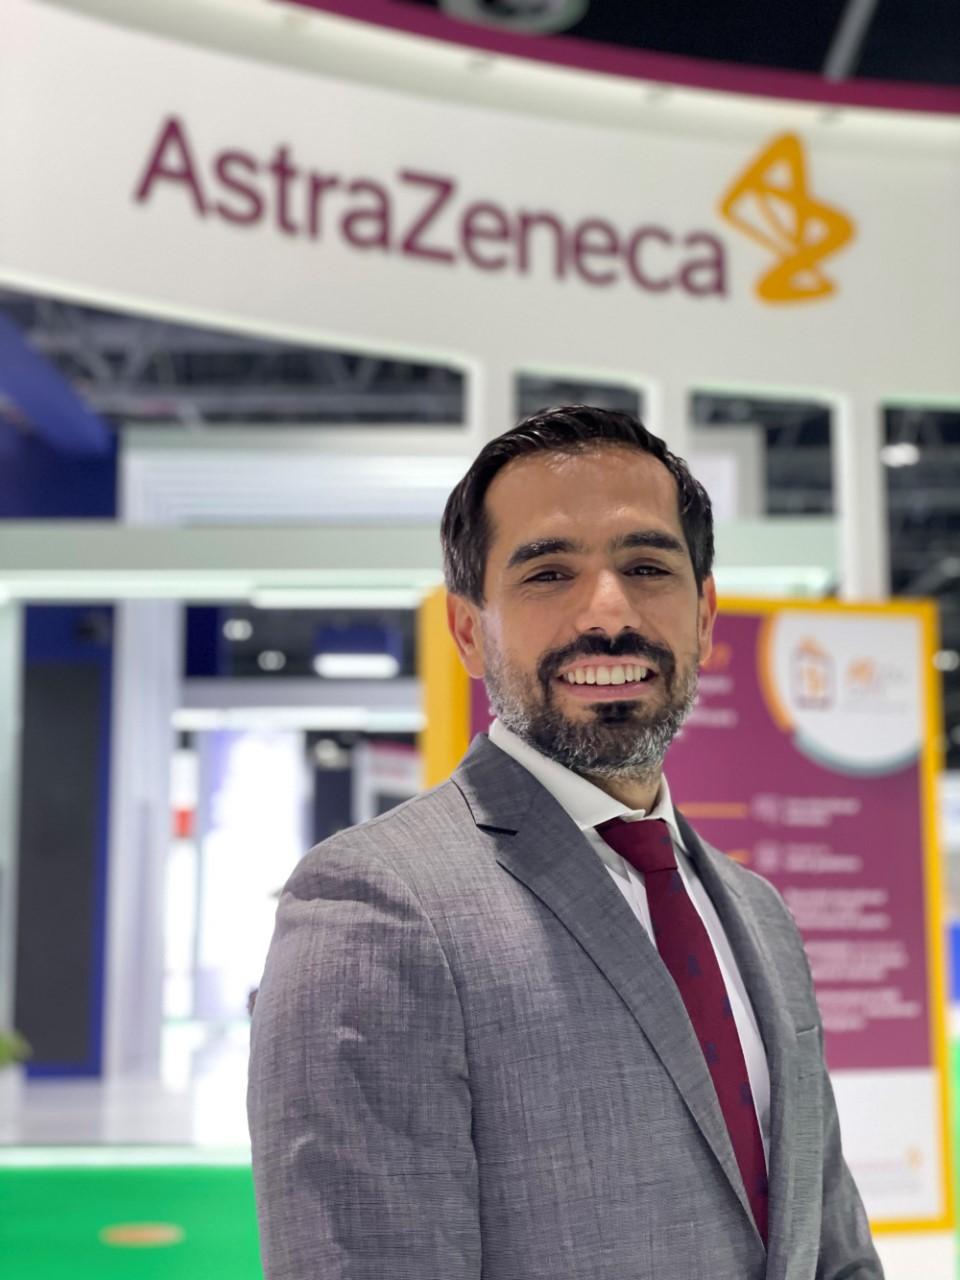 أسترازينيكا تشيد باستراتيجية دولة الإمارات الناجحة في إطلاق حملات التطعيم وإجراء الاختبارات